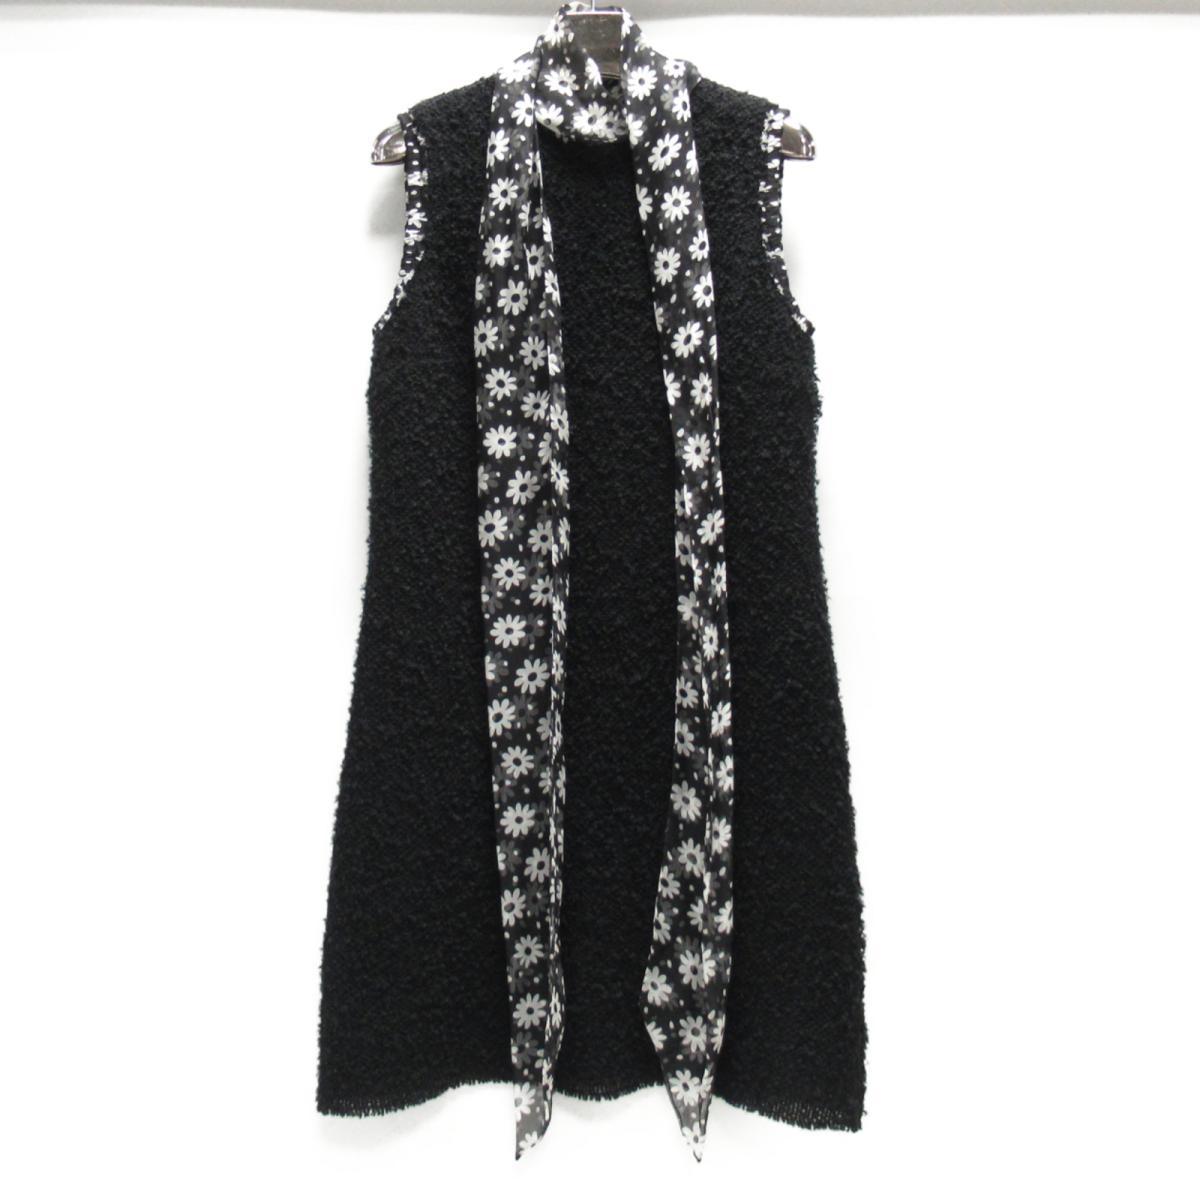 【中古】 ドルチェ&ガッバーナ ワンピース レディース ウール (66%) x シルク (20%) x ナイロン (14%) ブラック | DOLCE & GABBANA 衣類 ワンピース 美品 ブランドオフ BRANDOFF